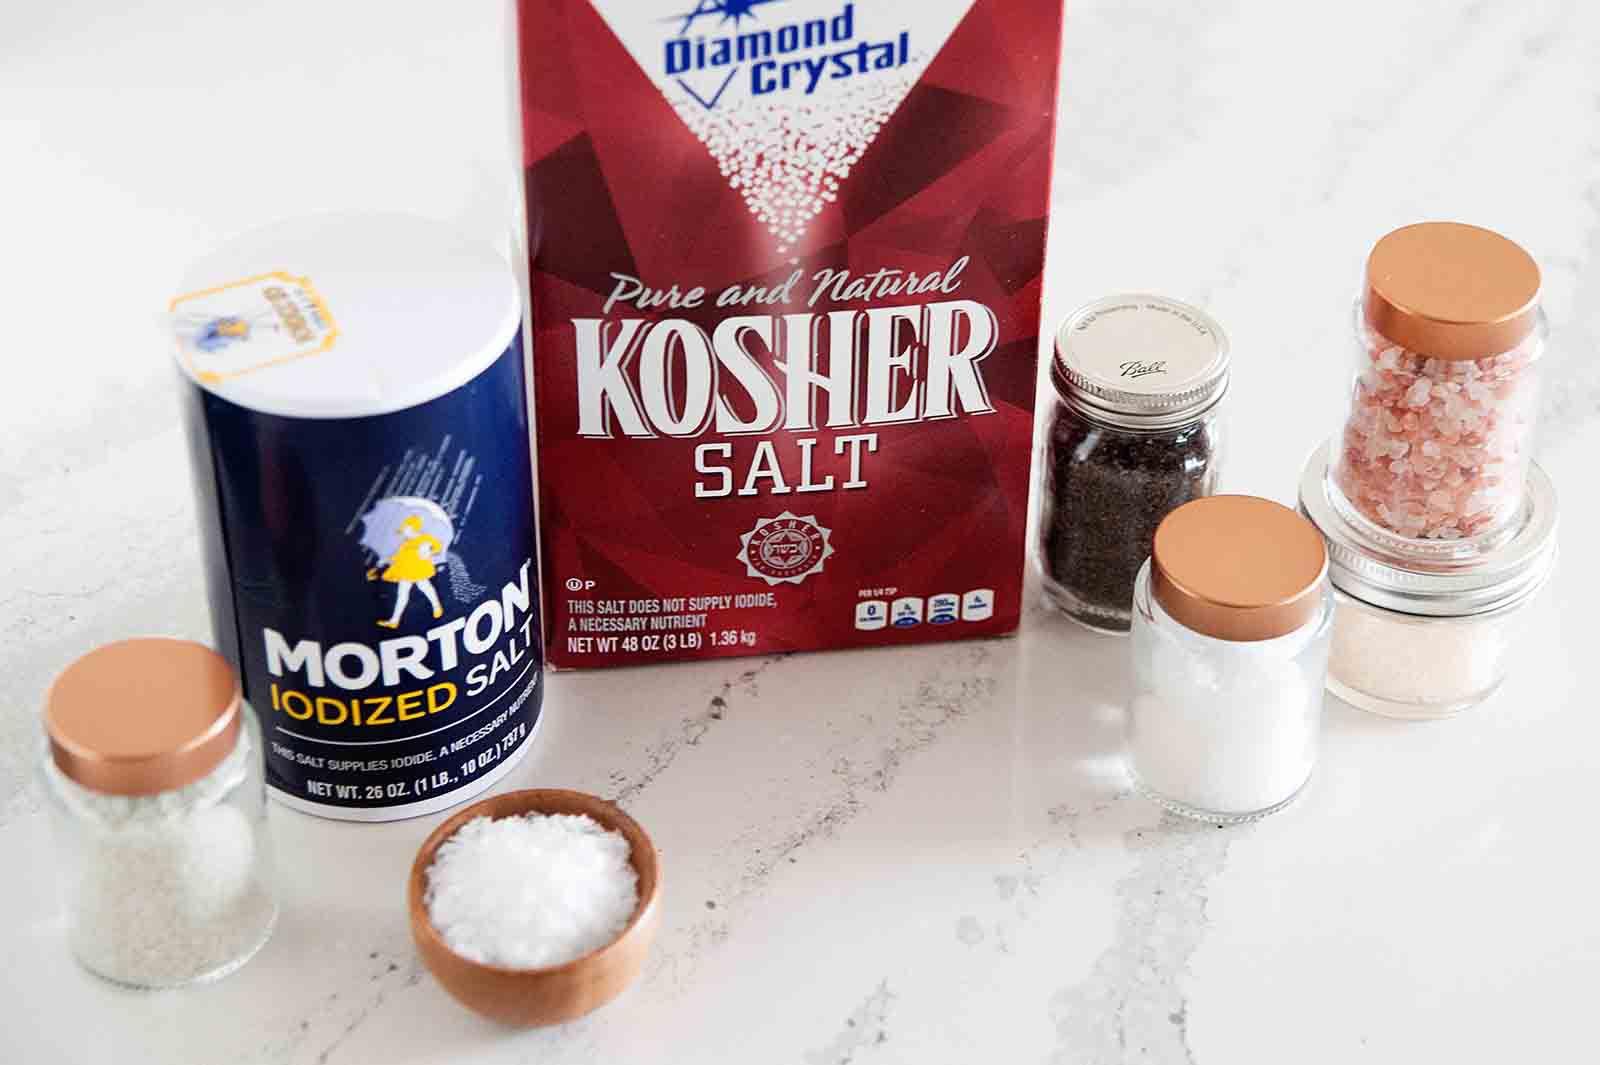 Boxes of Diamond Kosher Salt, Morton Idoized salt and jars of smoked salt, and Maldon salt